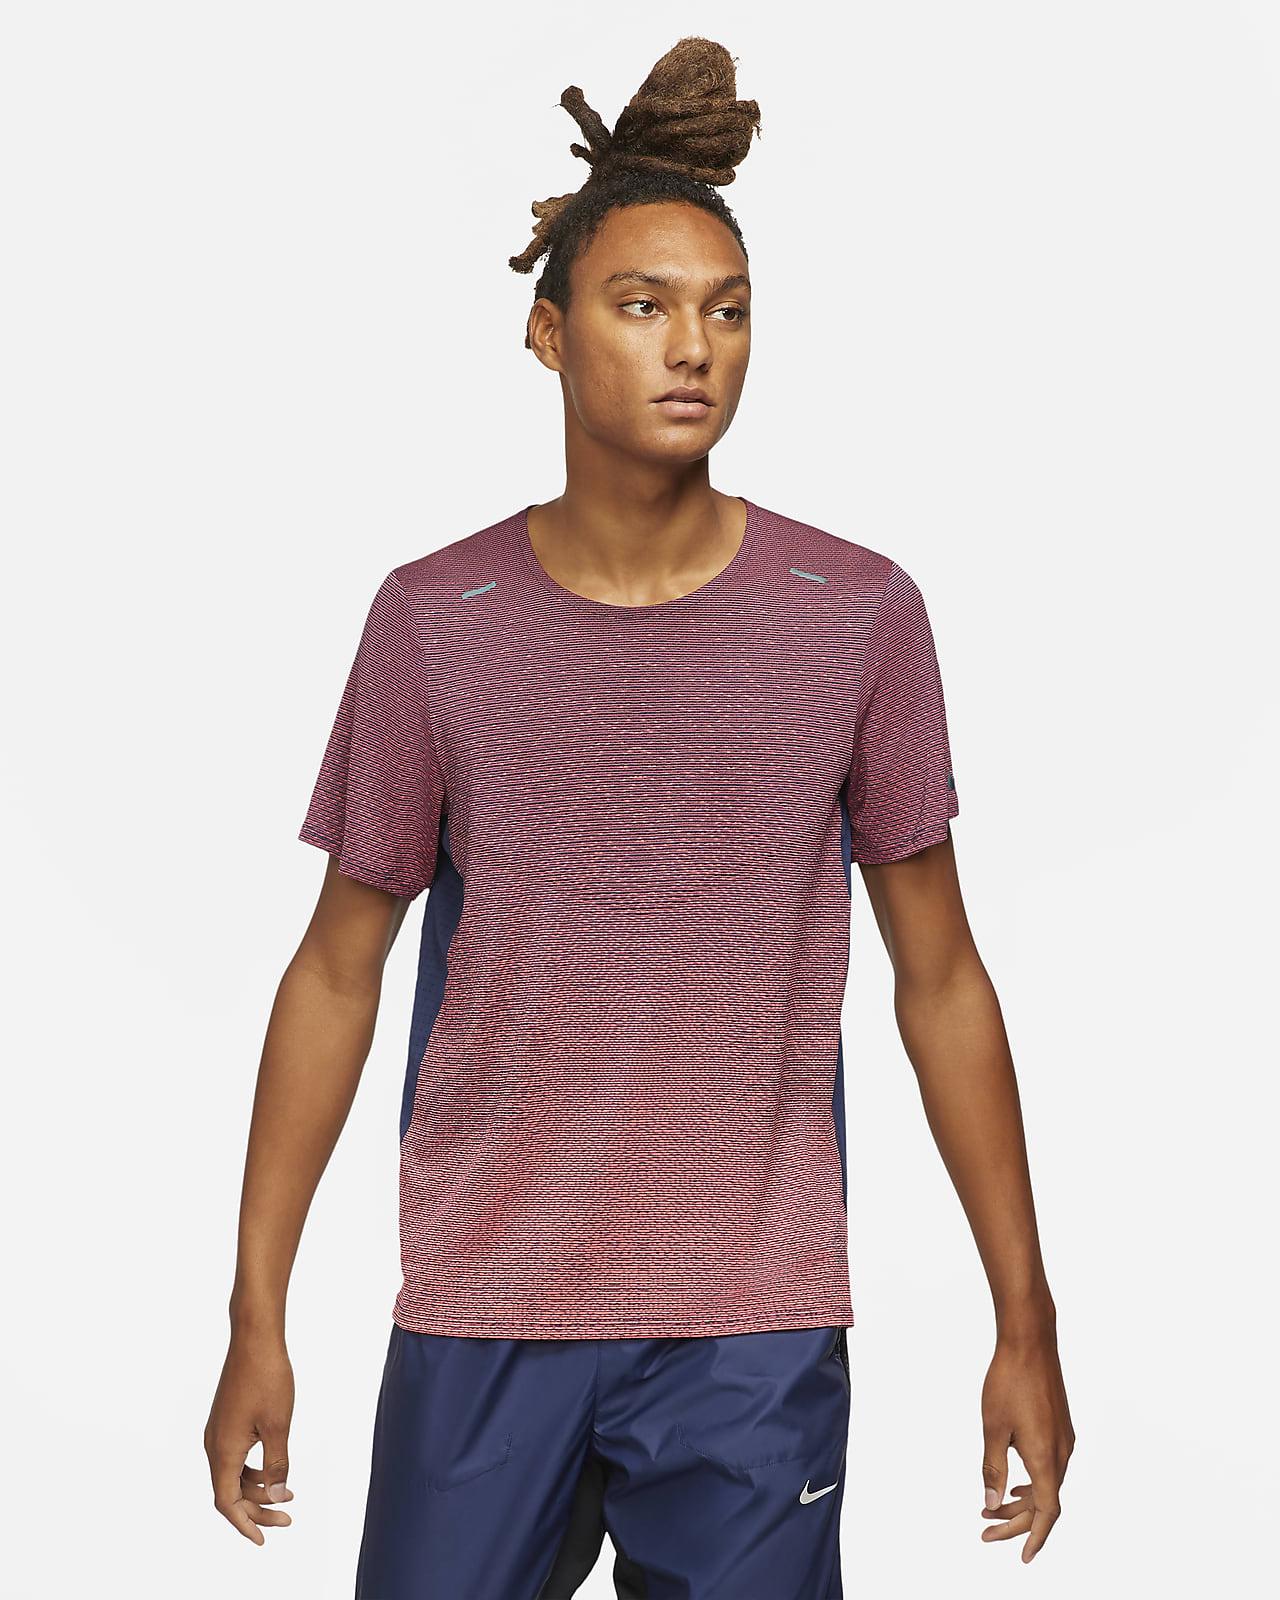 Nike Pinnacle Run Division Hardlooptop met korte mouwen voor heren